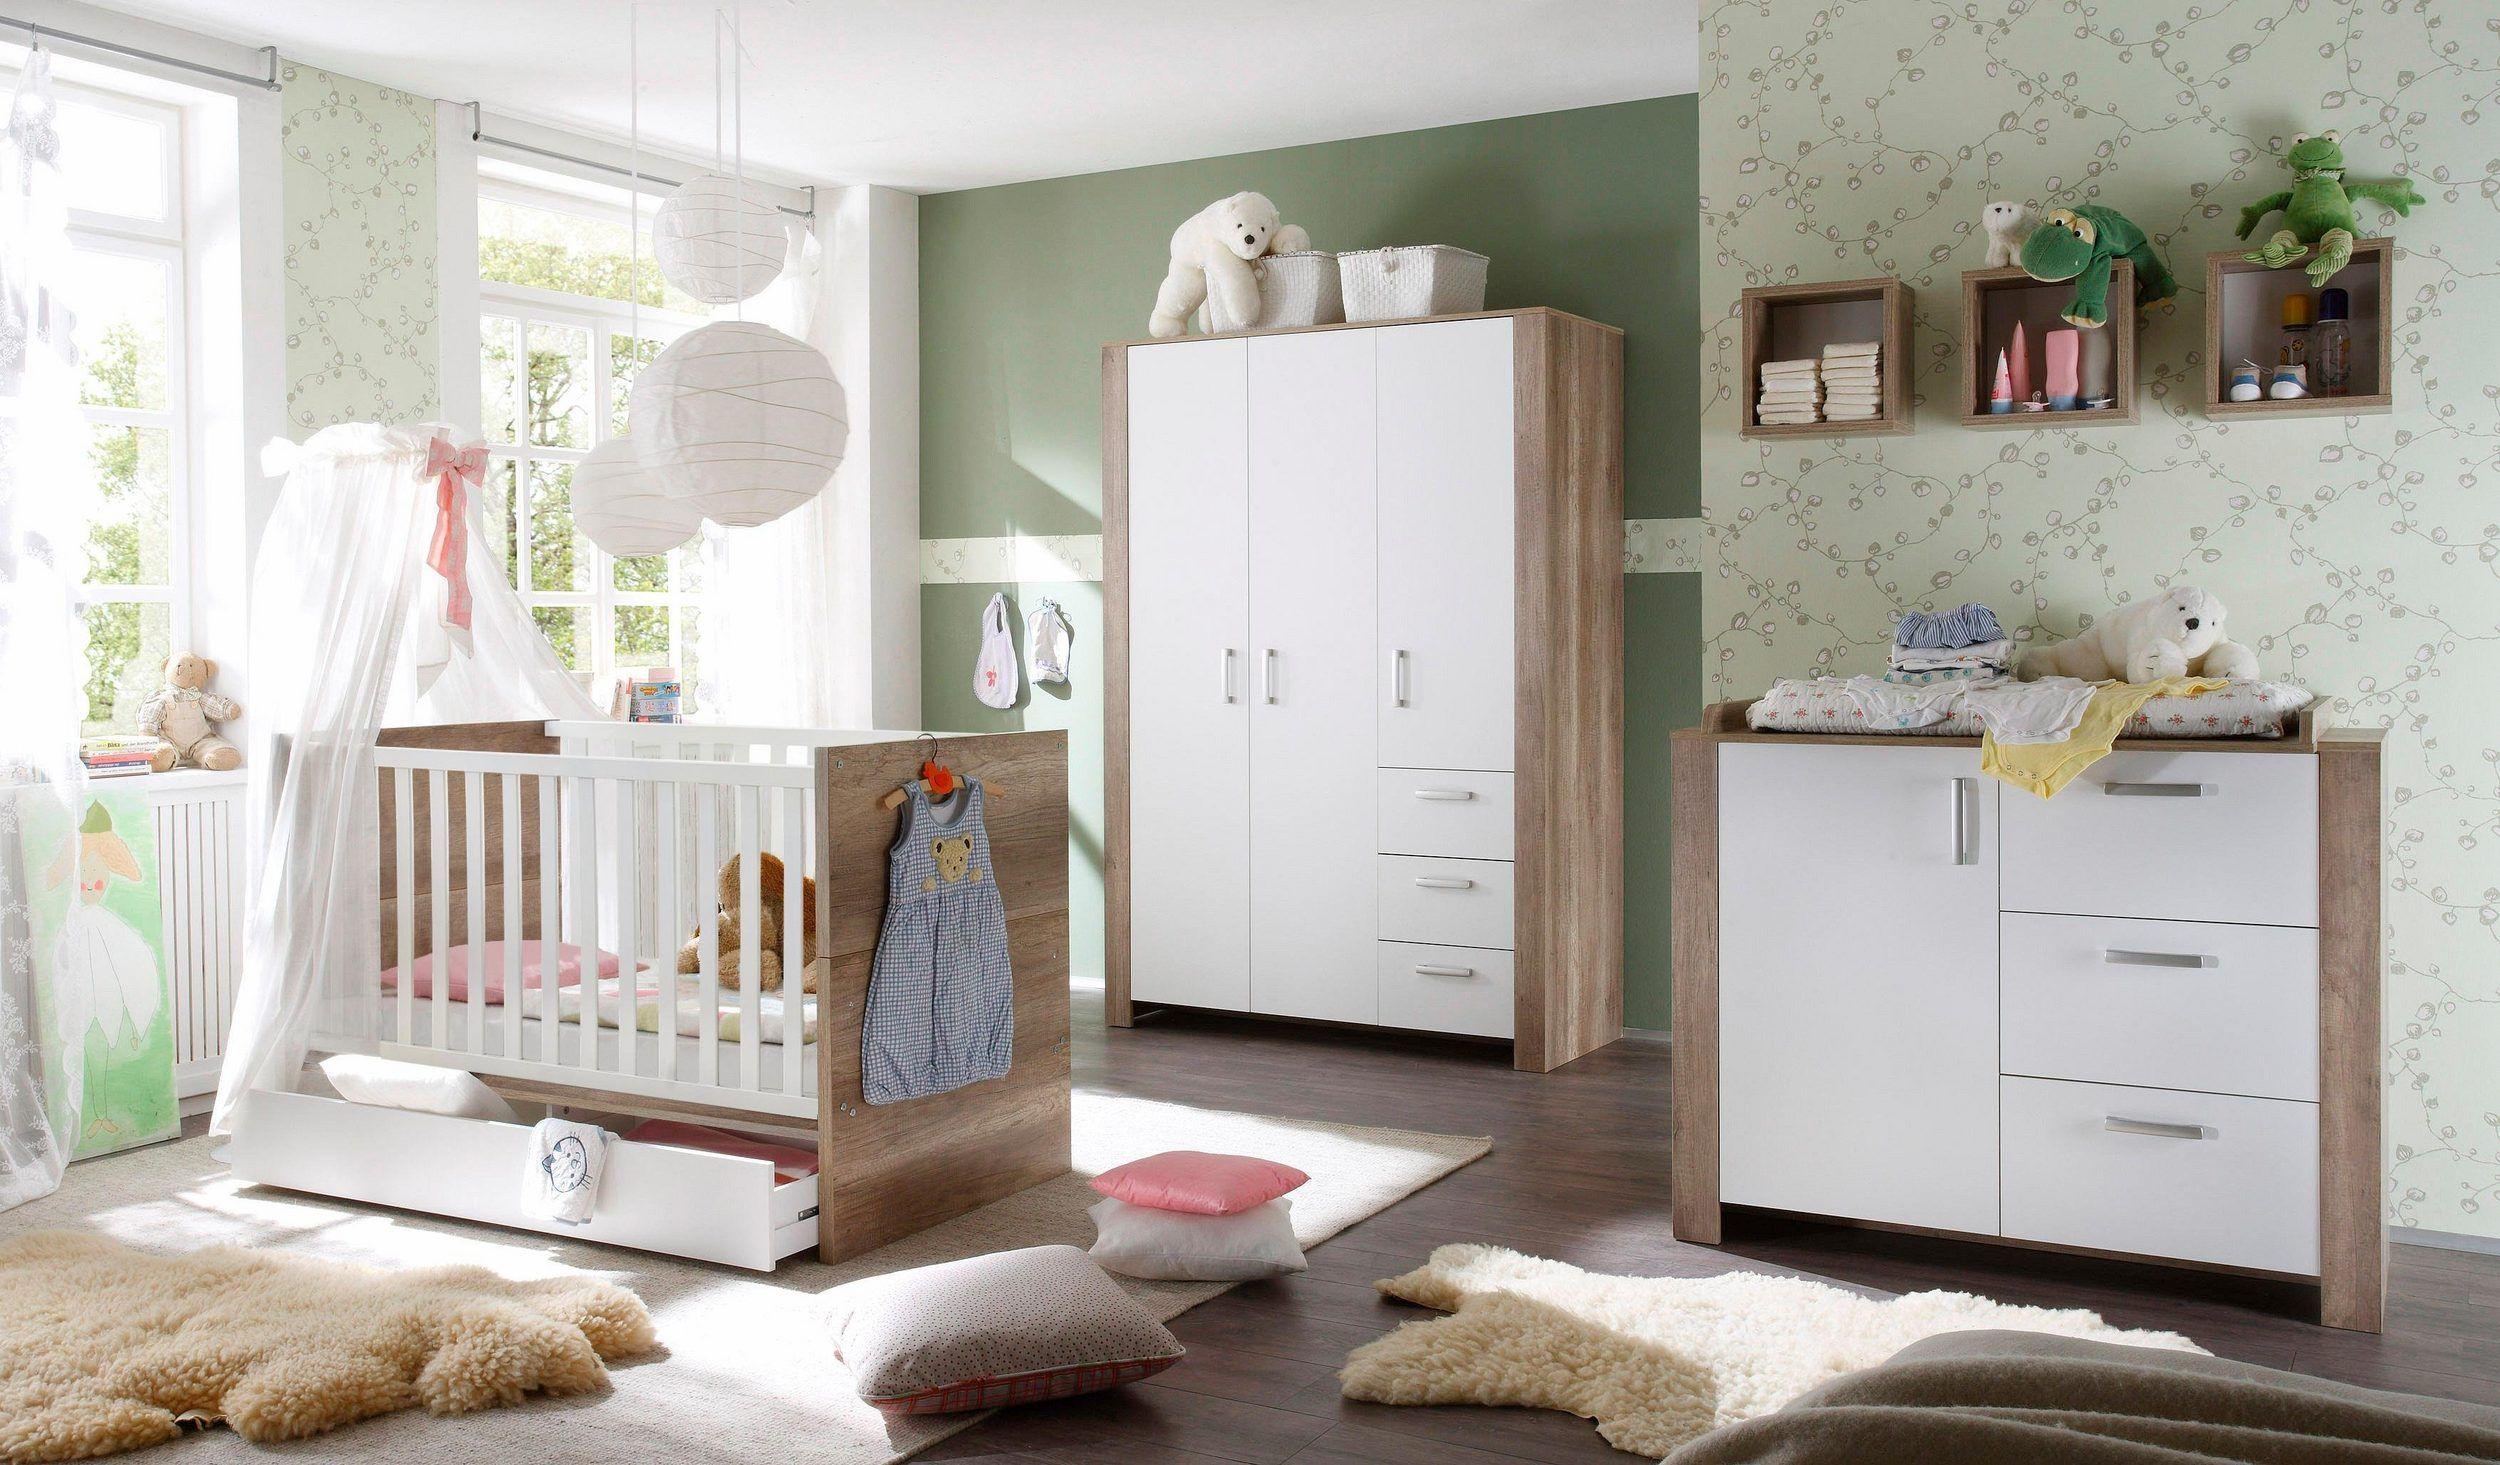 Babyzimmer gestalten » Tipps & Ideen fürs Babyzimmer